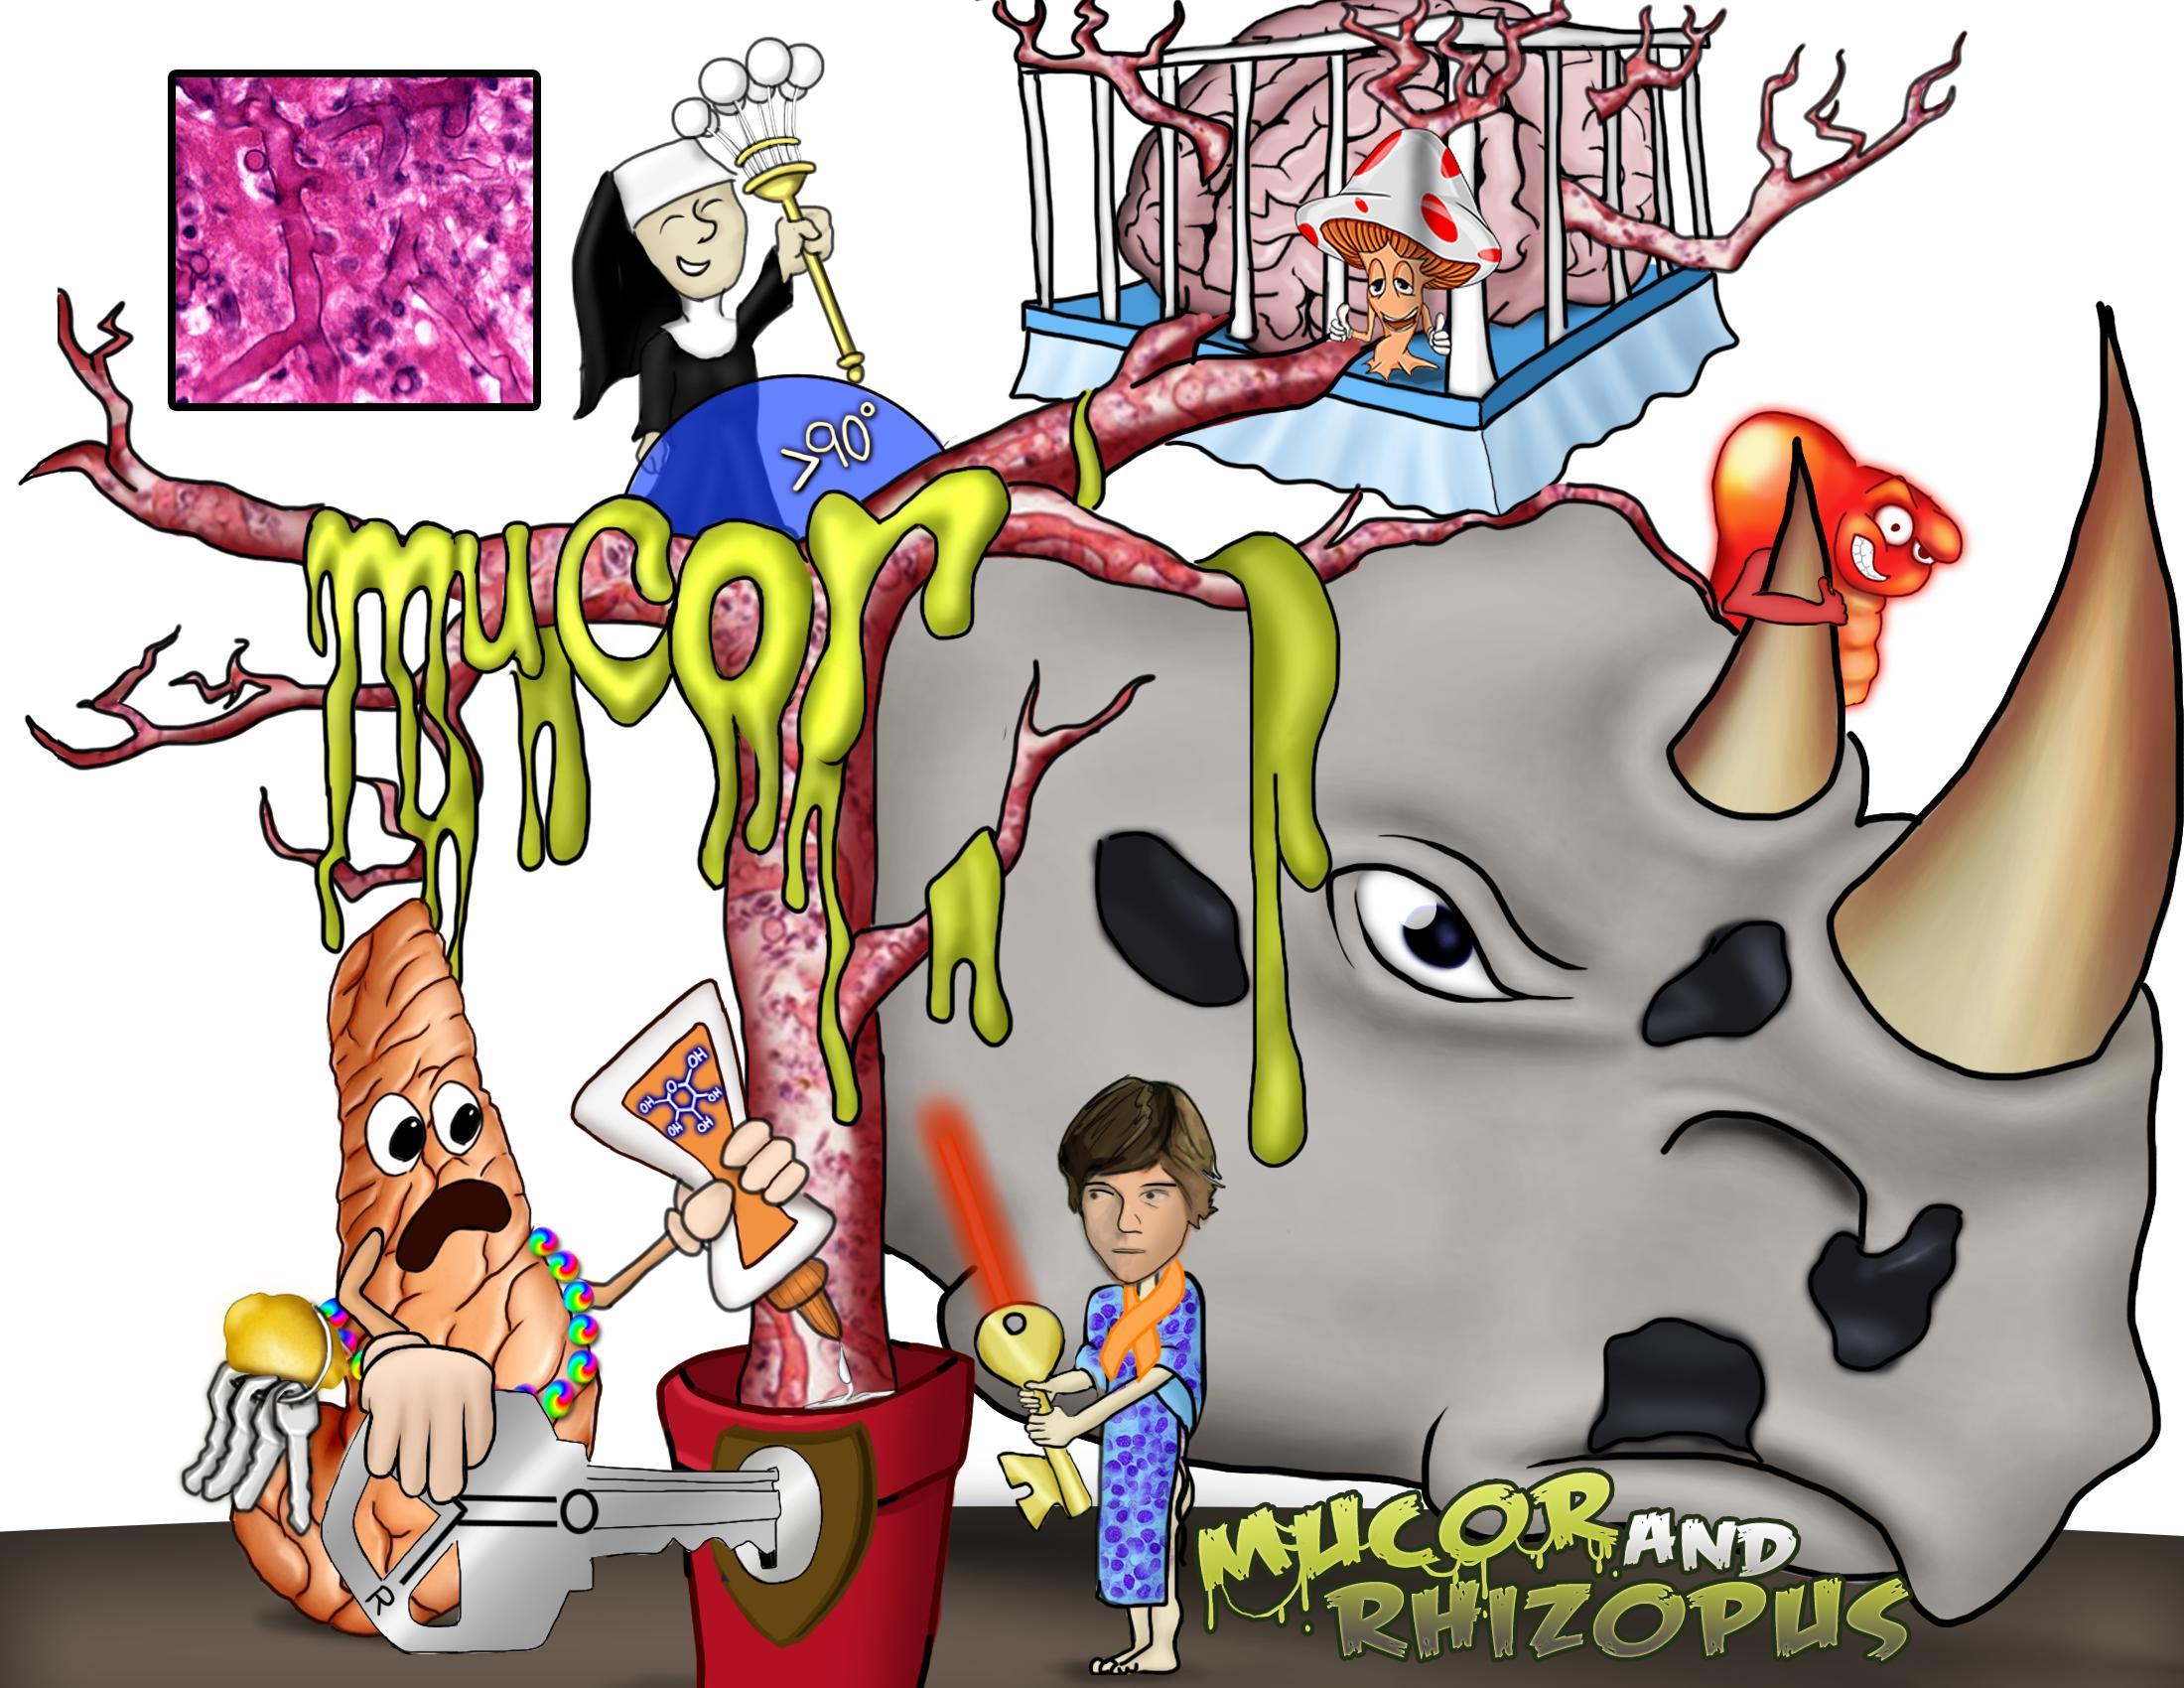 Mucor And Rhizopus